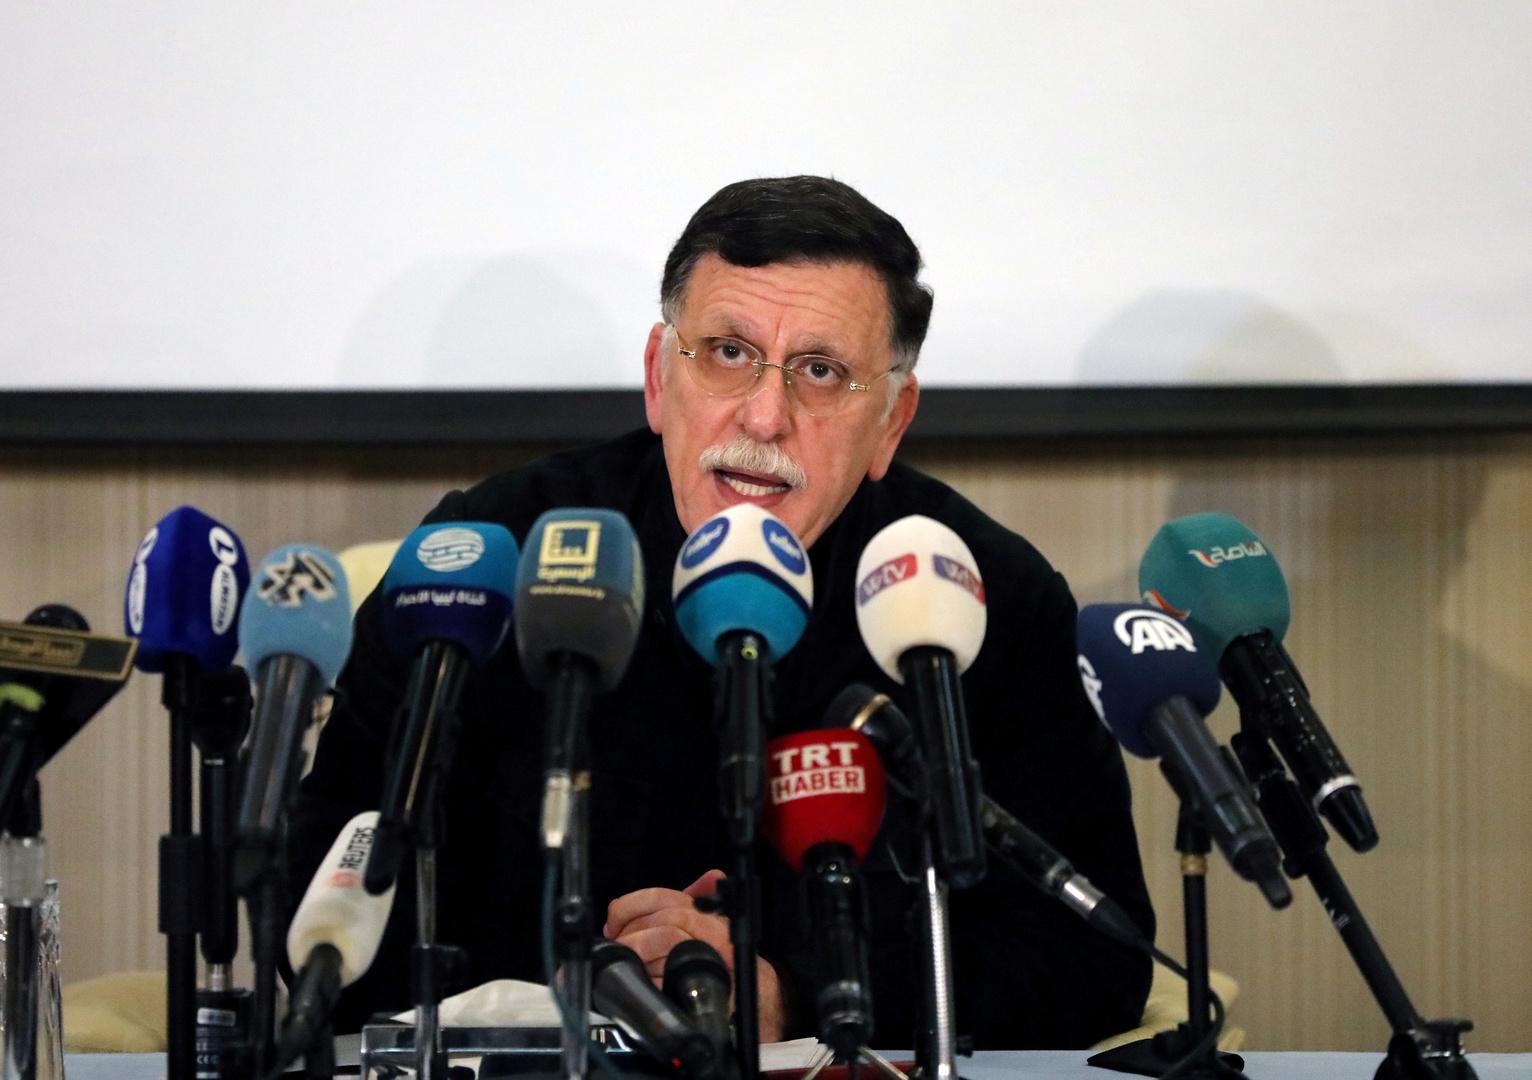 قزيط: السراج سيقدم استقالته مع توجهات دولية لتشكيل مجلس رئاسي